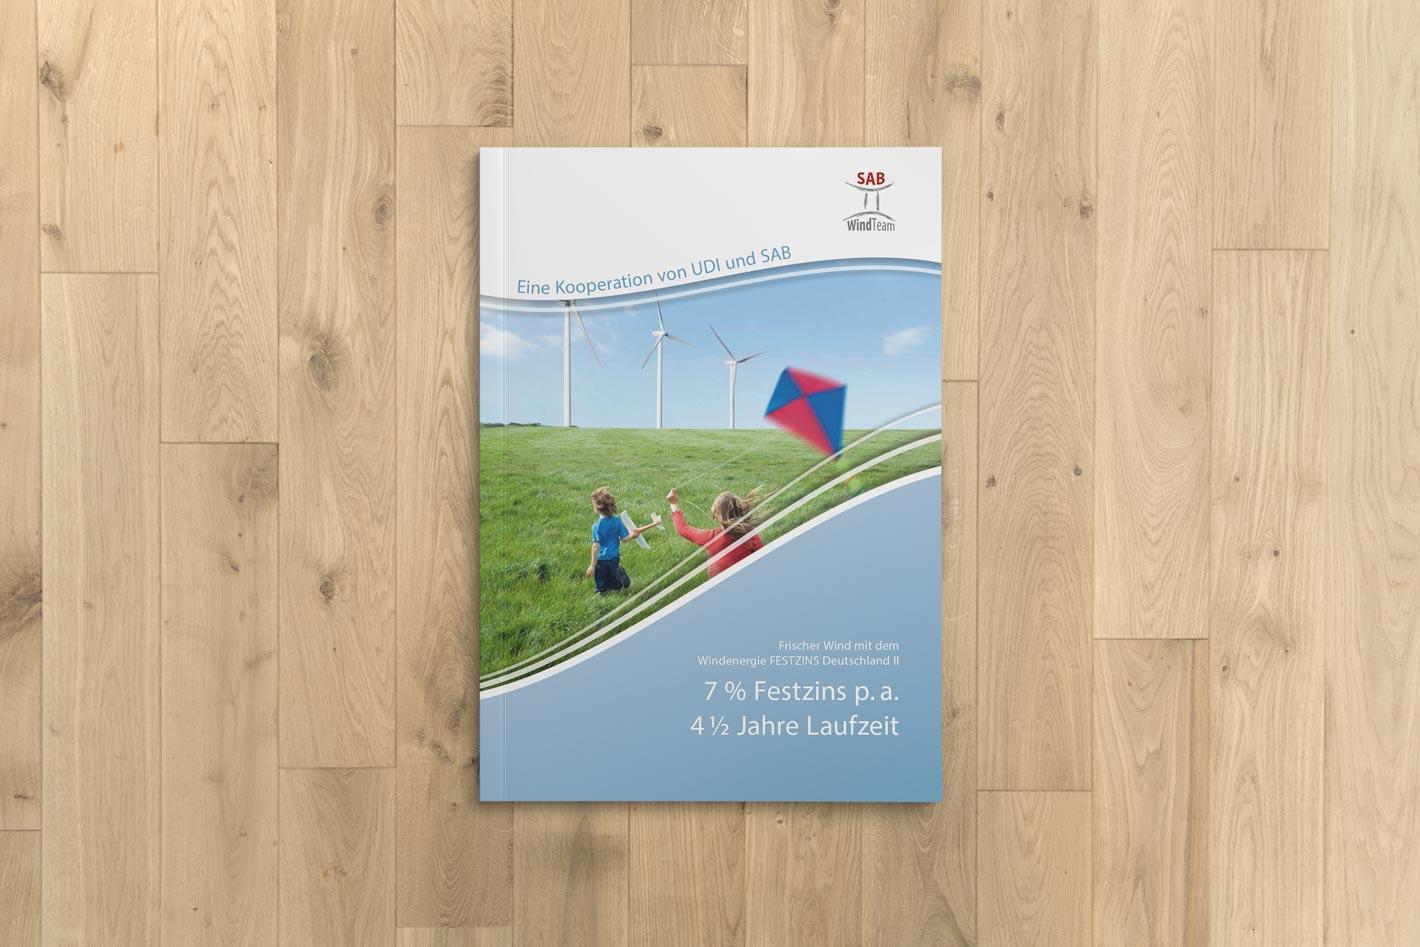 Beitelingungsprospekt SAB Wind Festzins